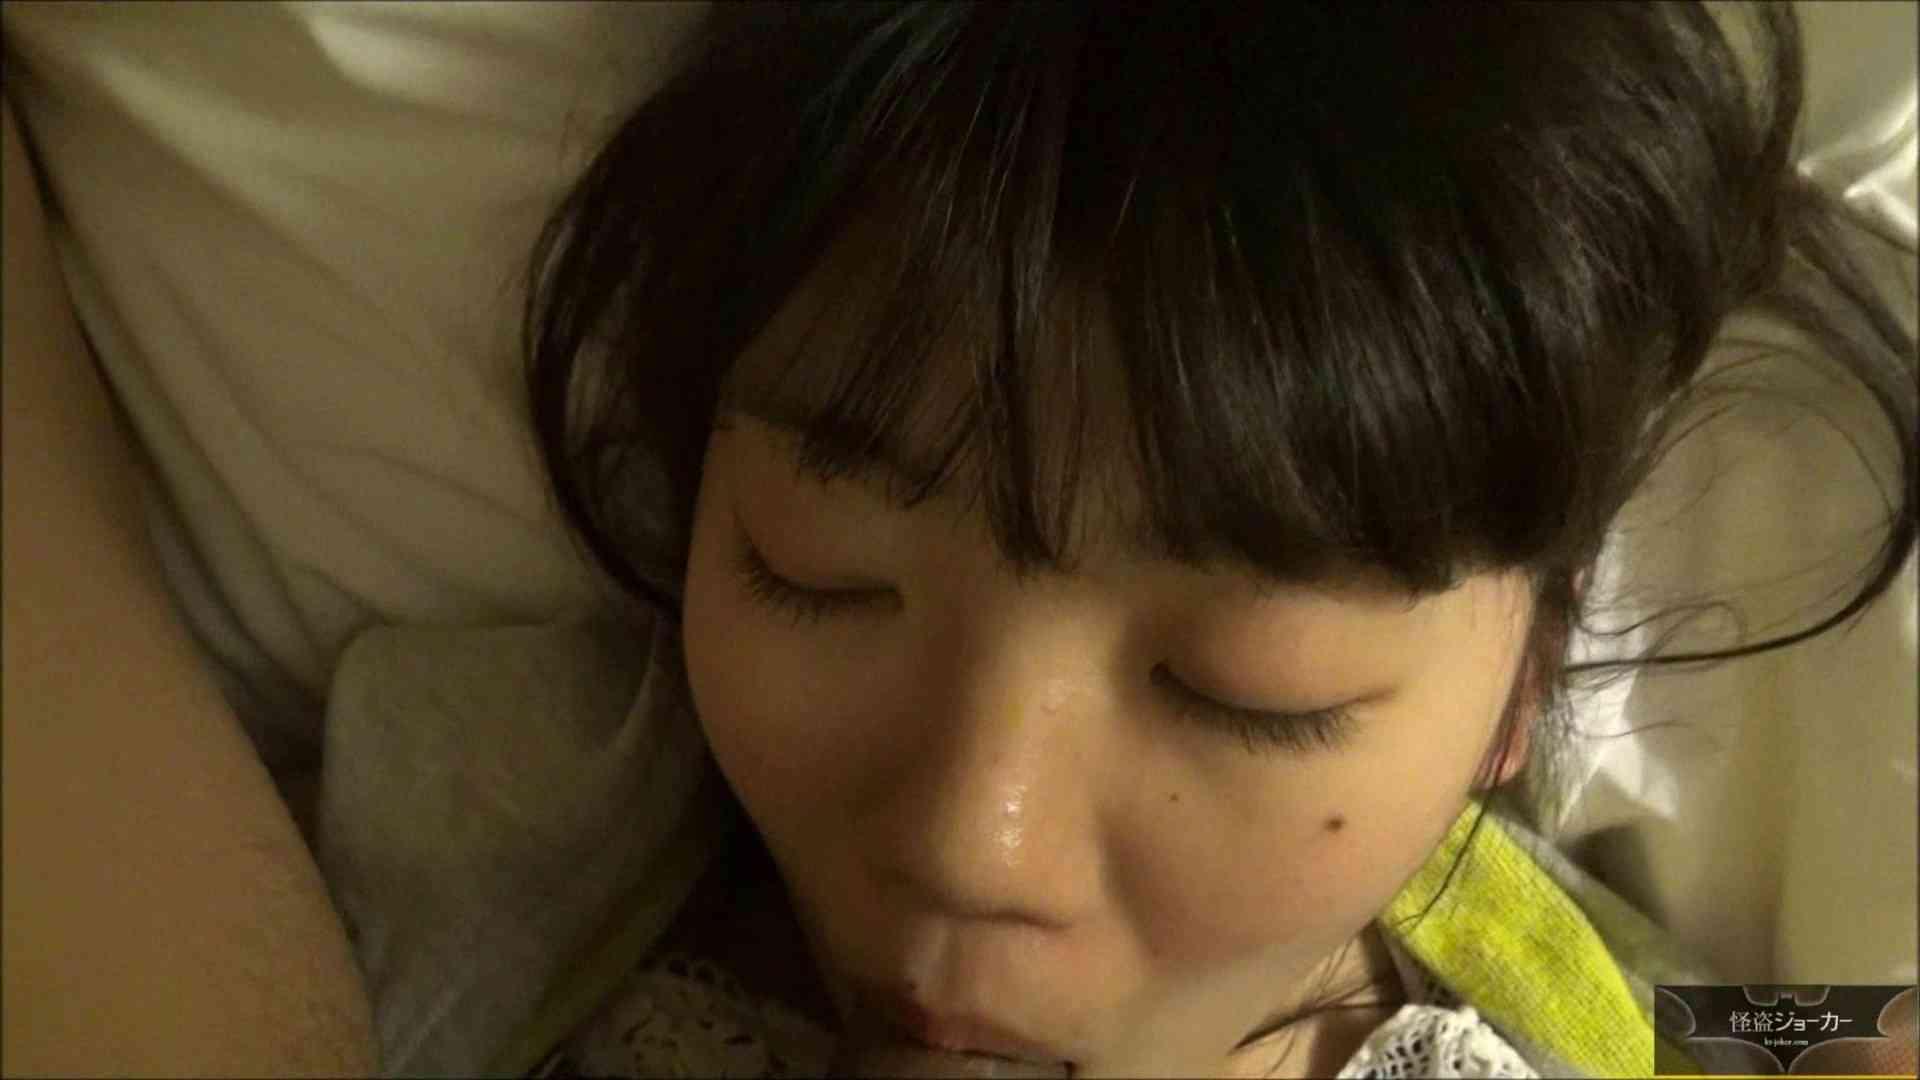 【未公開】vol.75 {関東某有名お嬢様JD}yuunaちゃん① お嬢様の実態   ホテルでエッチ  78pic 67